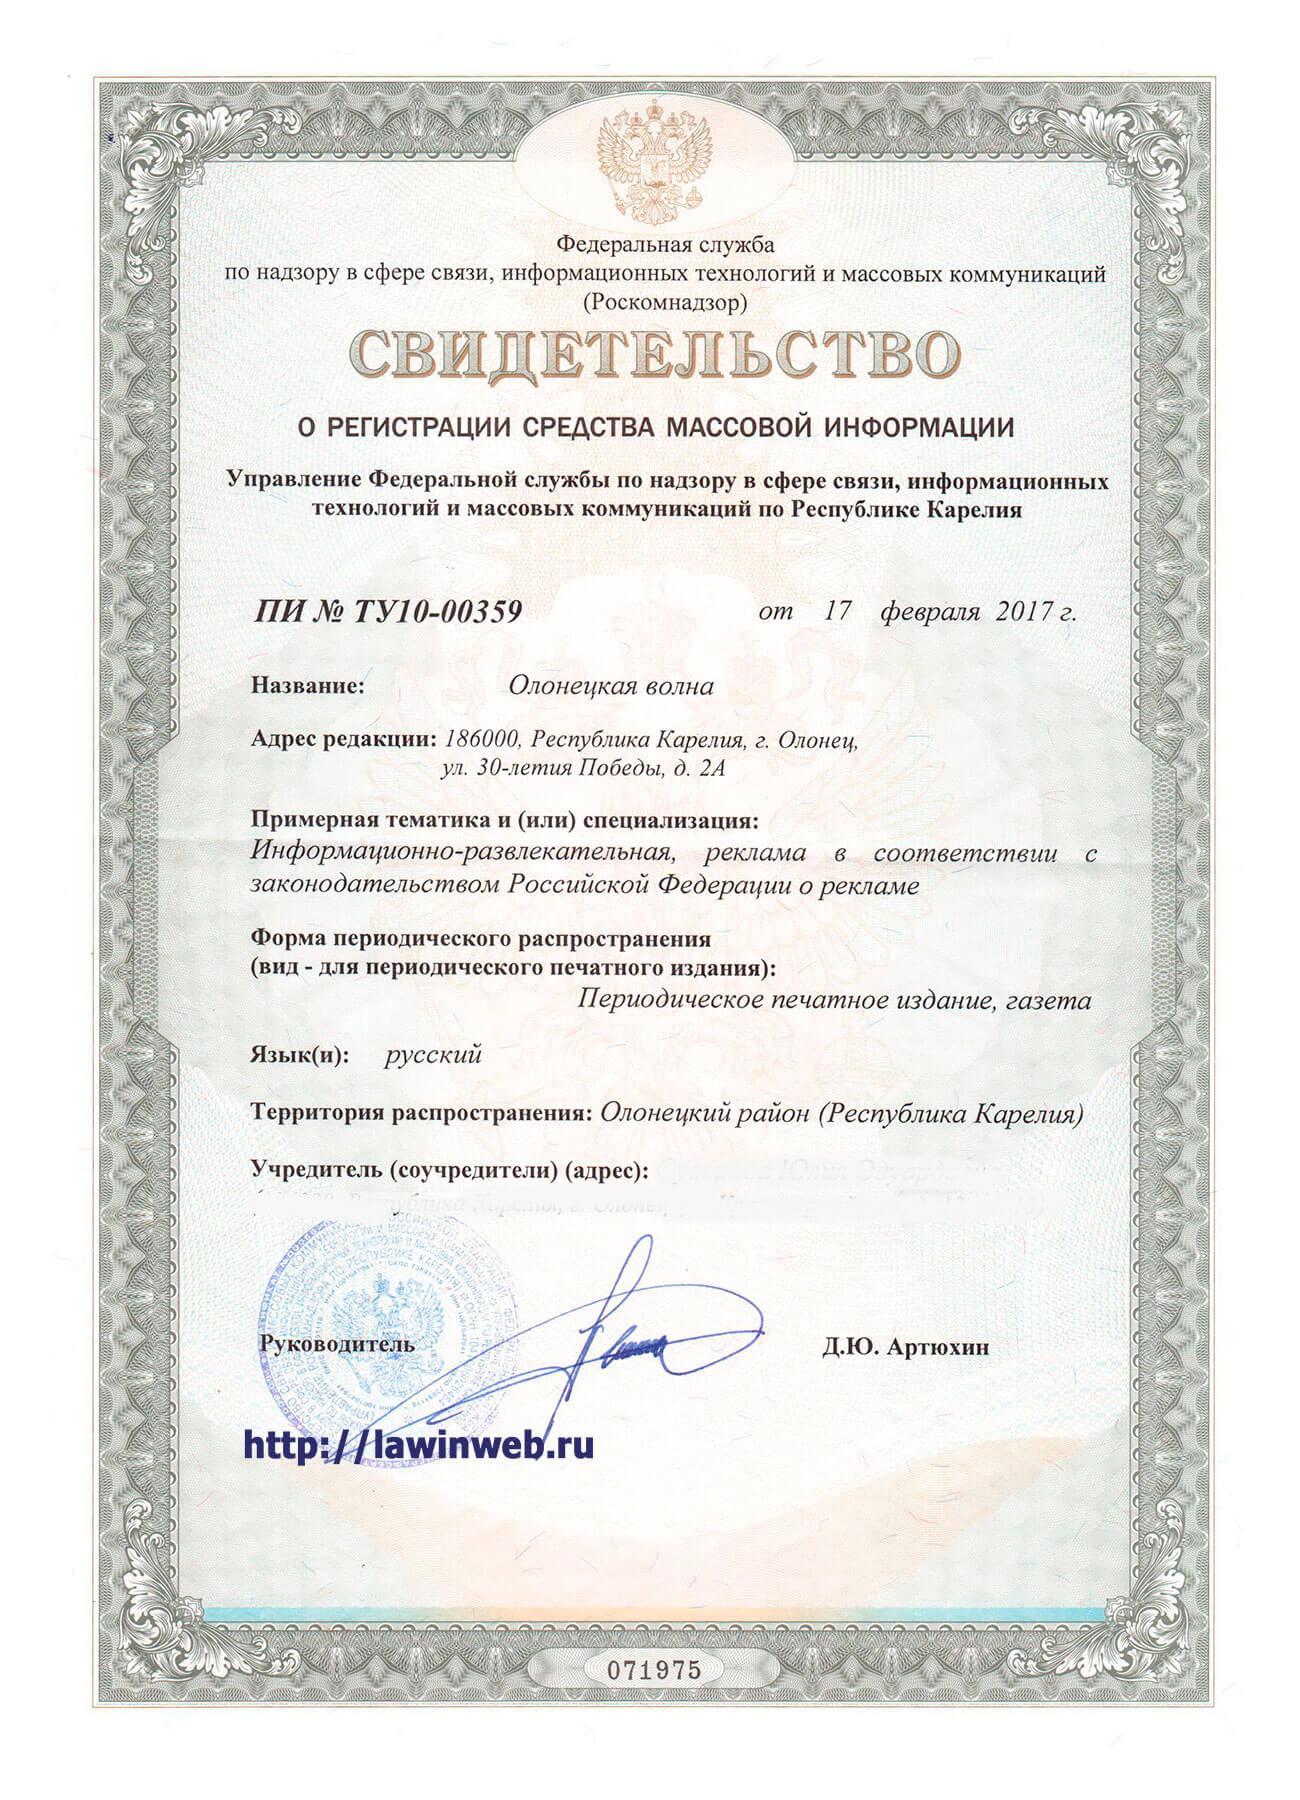 olonetskaya-volna-1